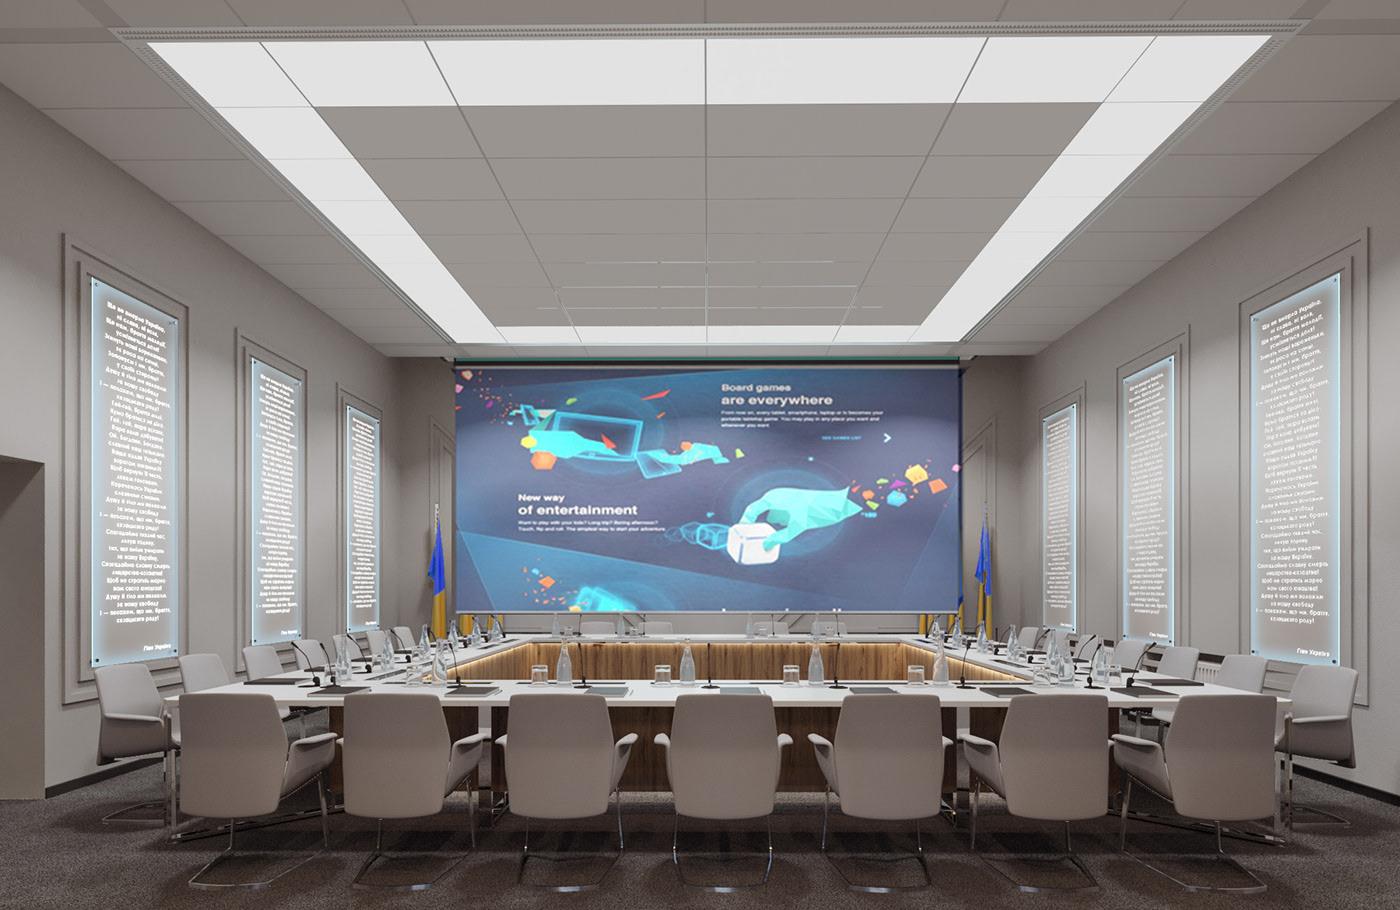 طراحی دکوراسیون اداری و سالن کنفرانس